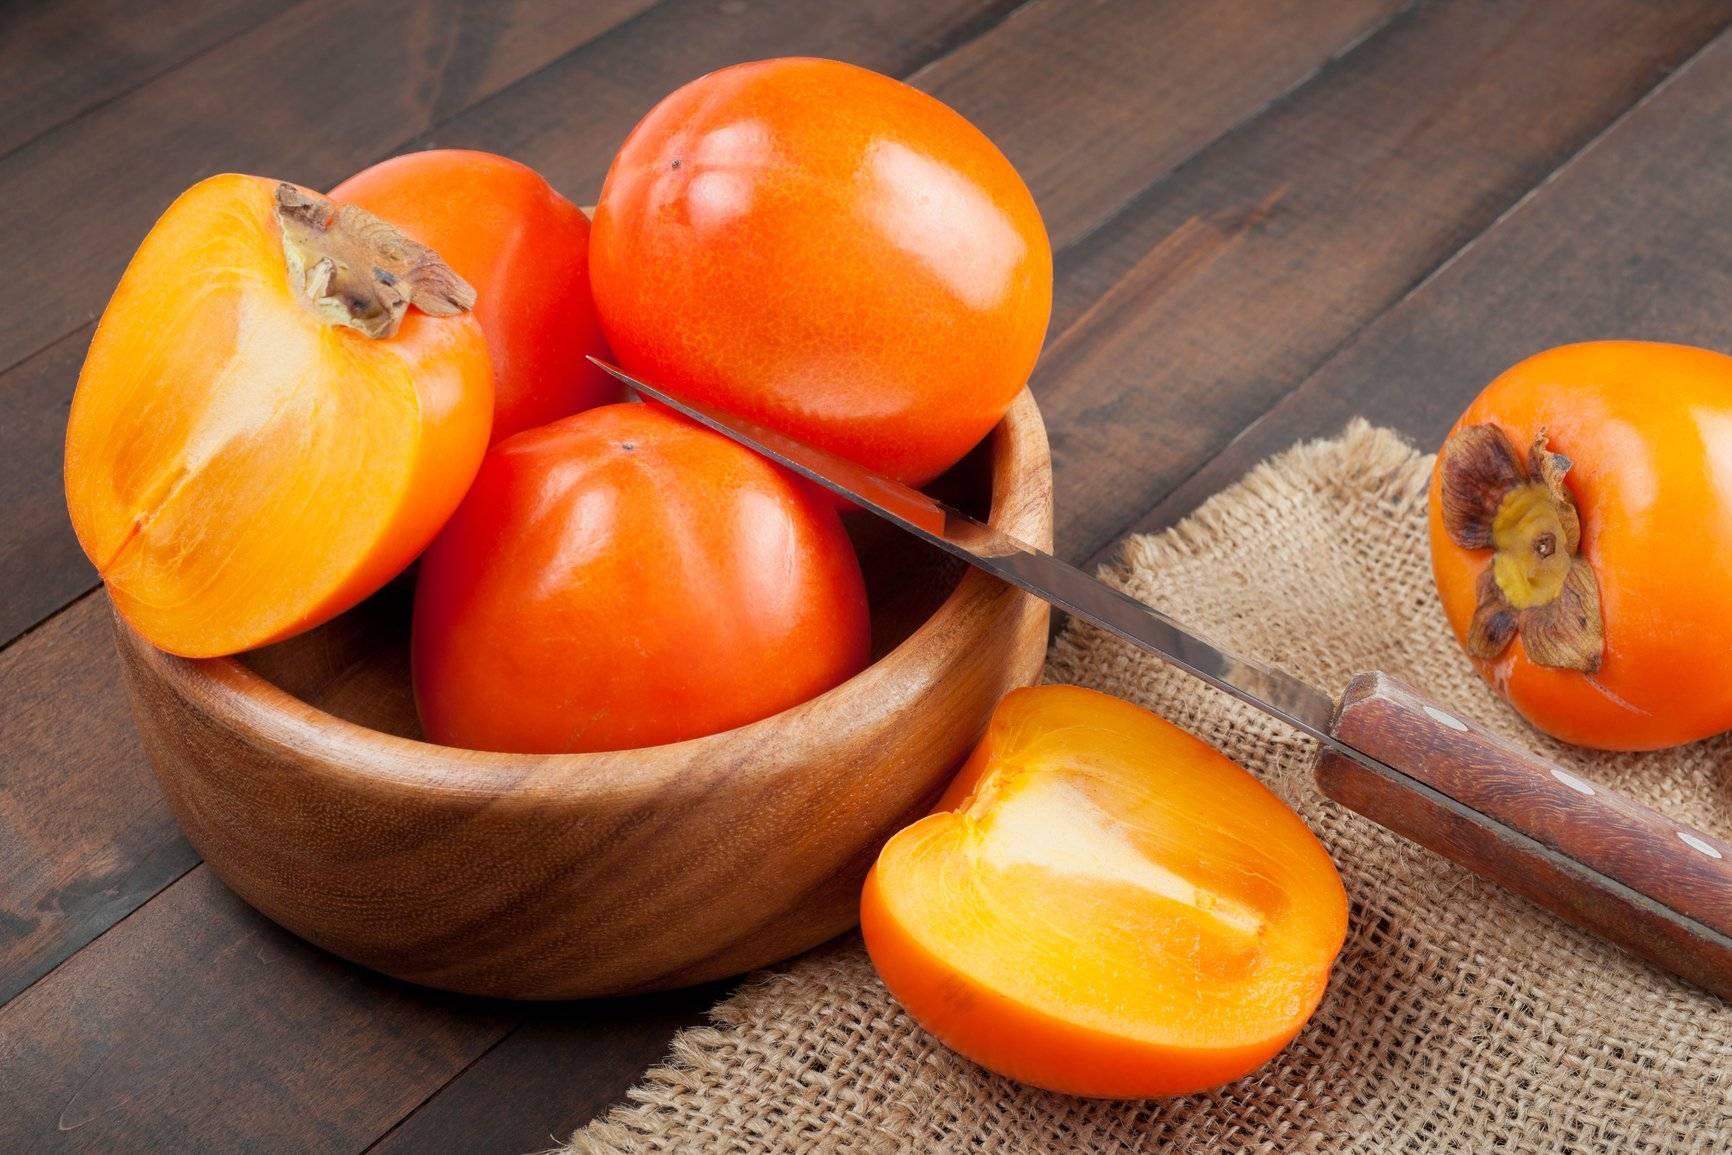 Польза хурмы для здоровья женщины. может ли фрукт нанести вред организму?